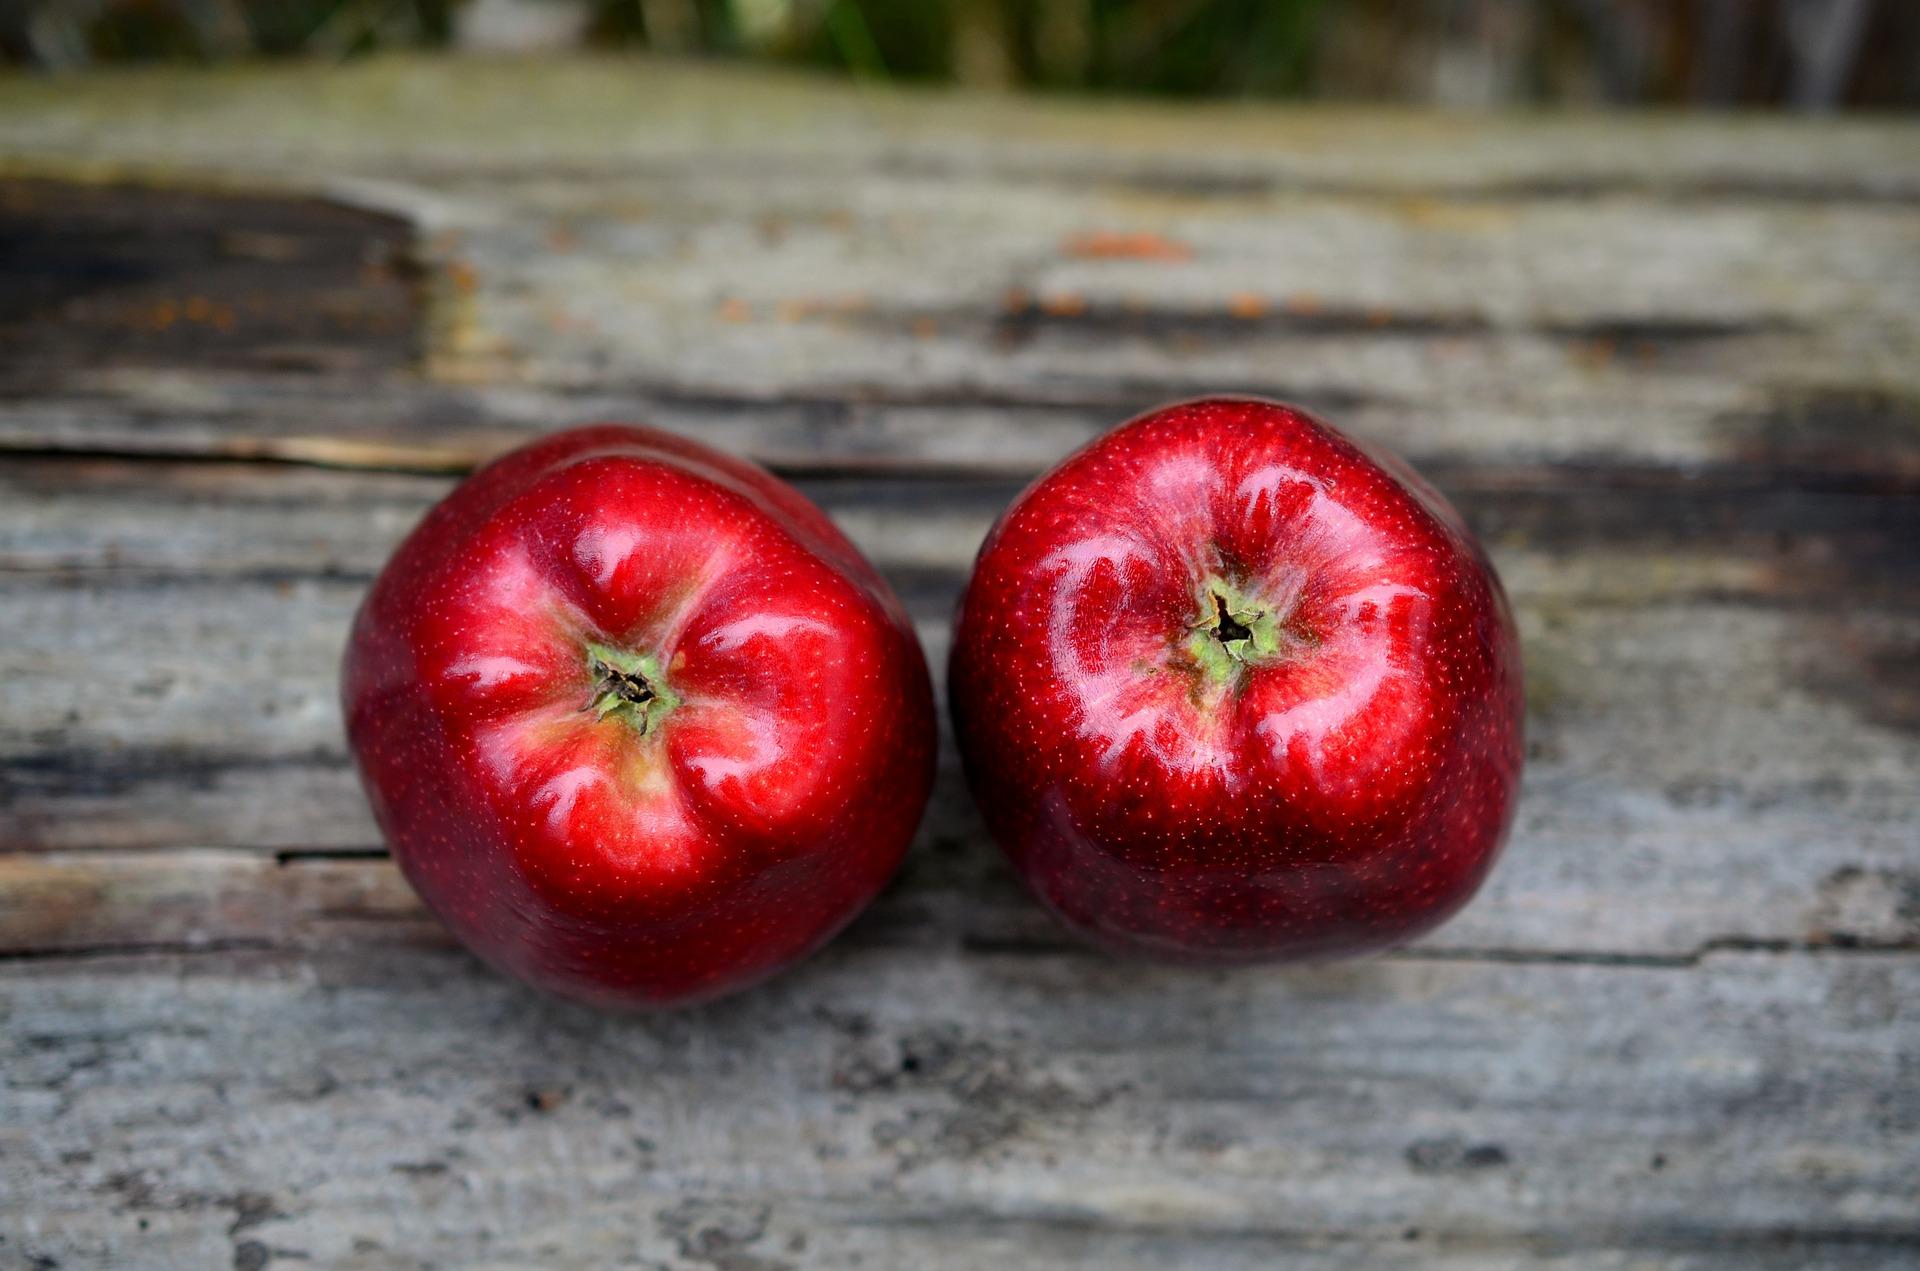 Apples – Healthy vs. Unhealthy